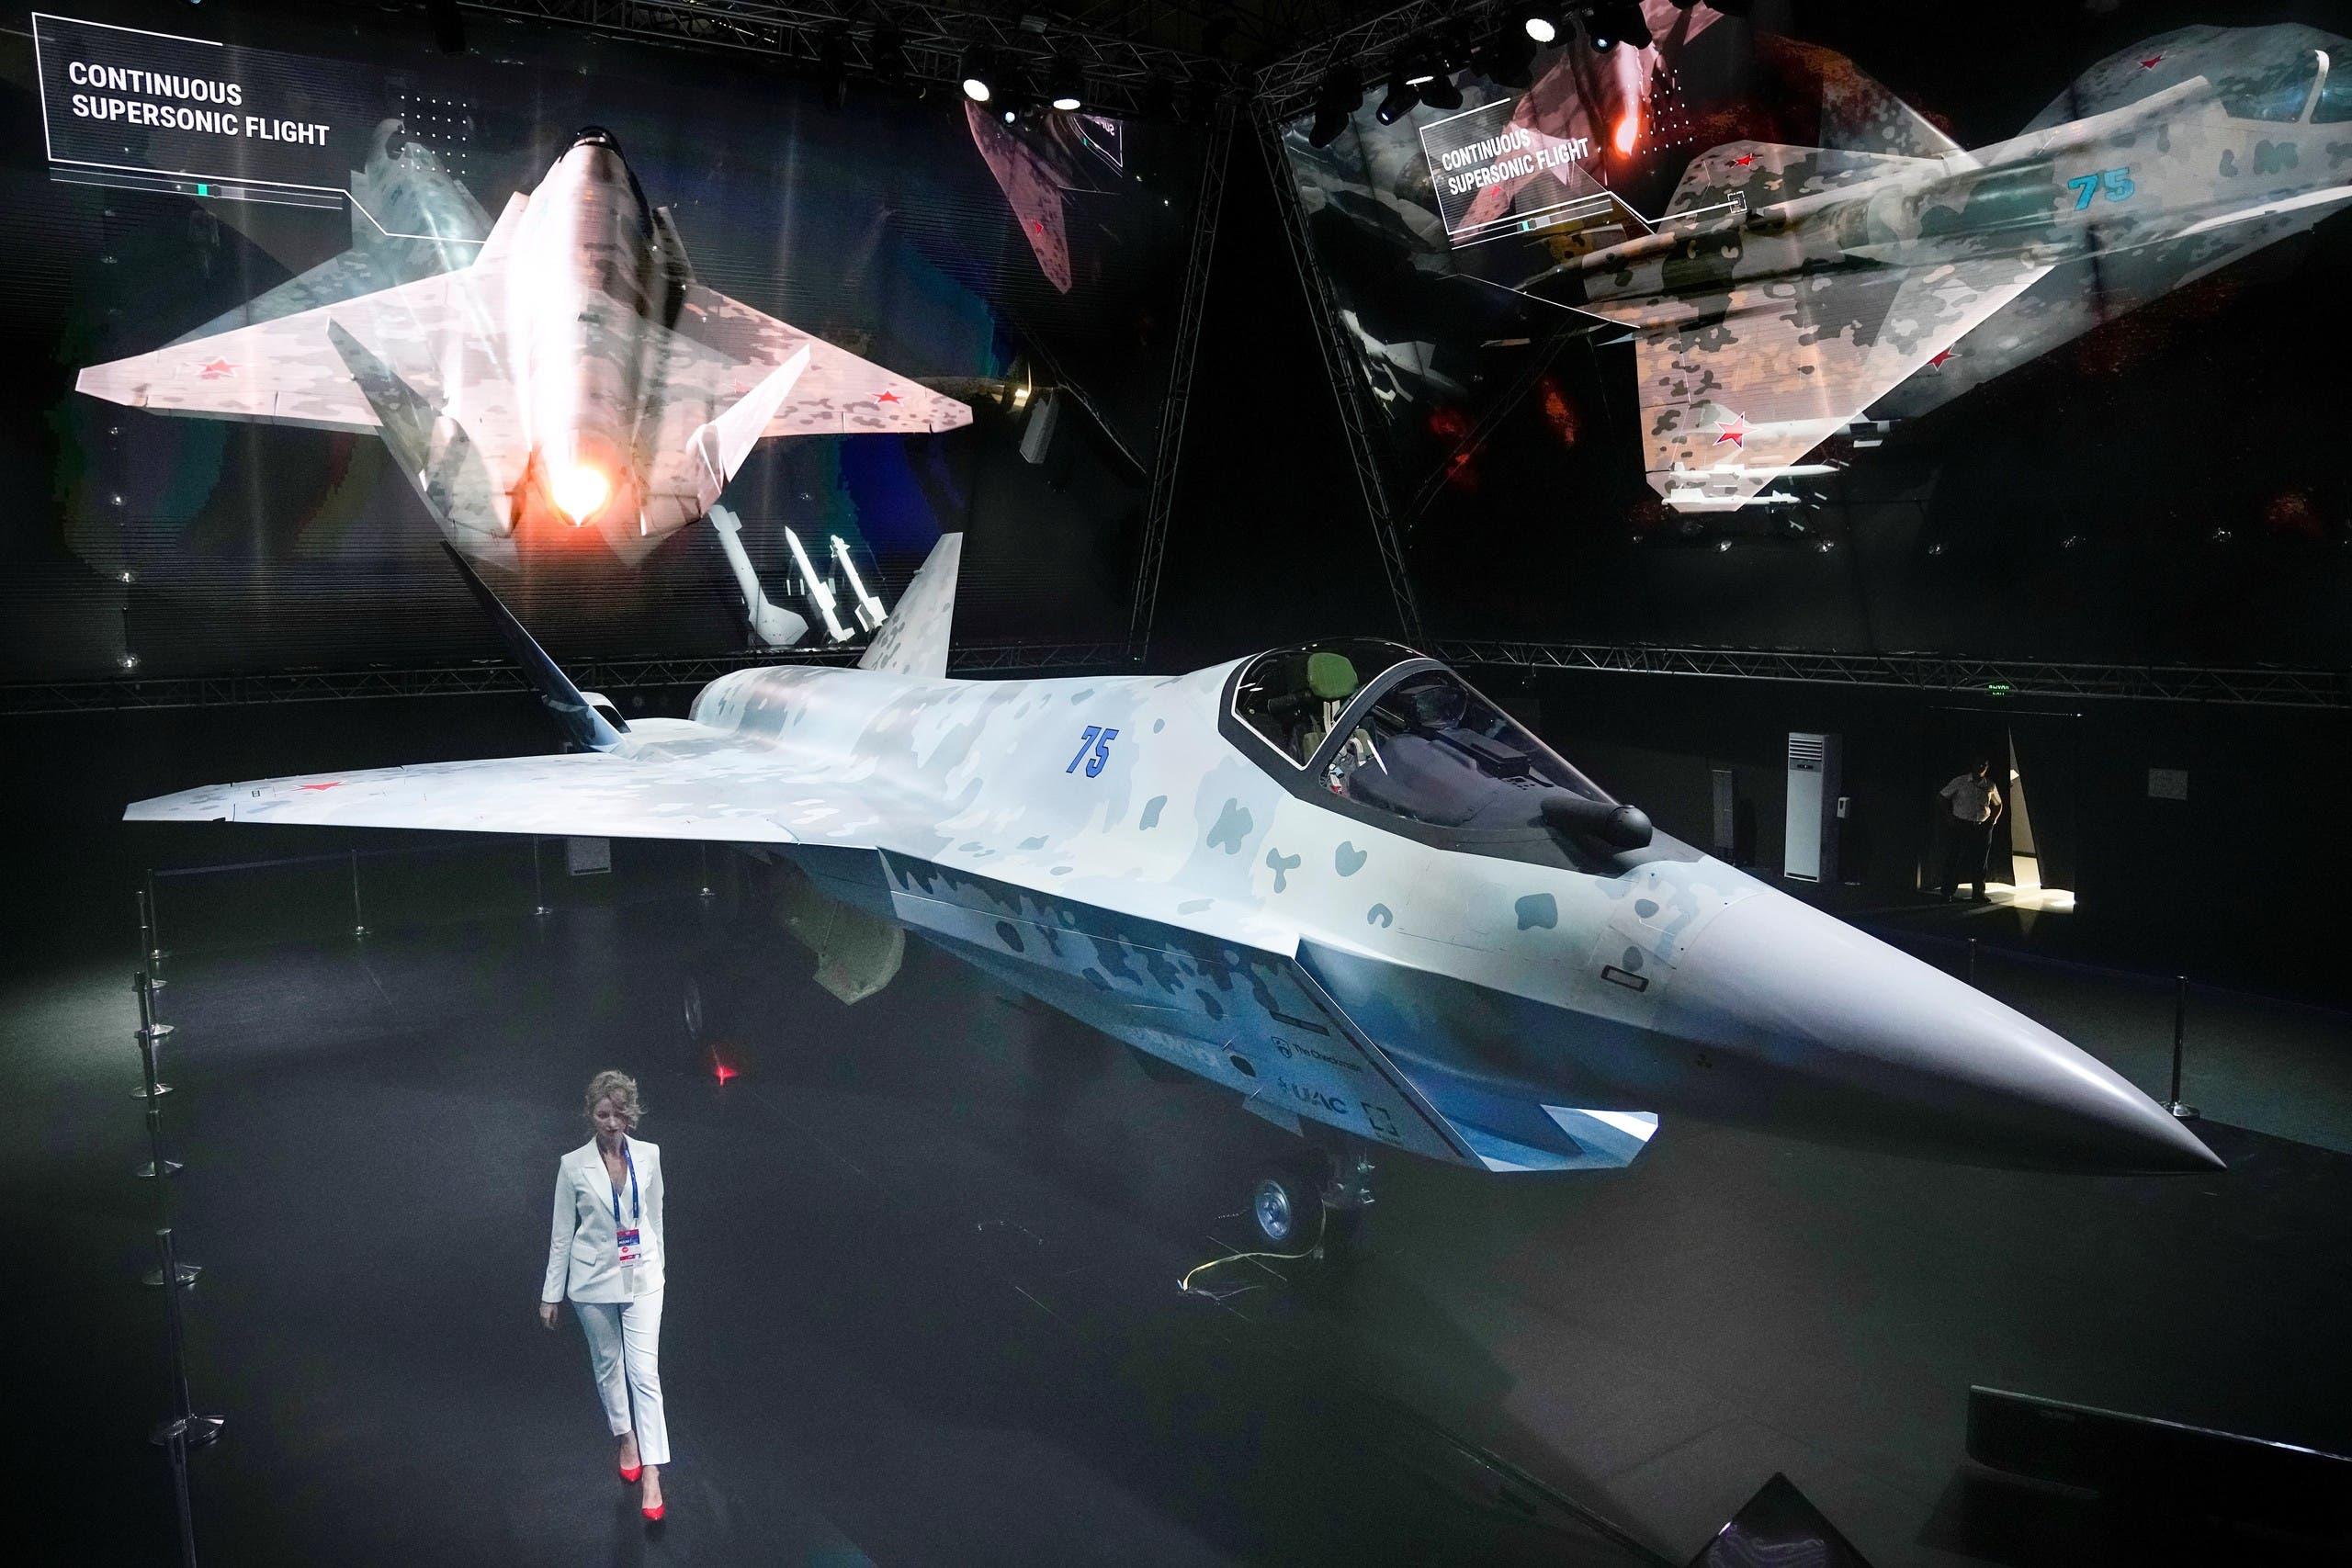 المقاتلة الروسية الجديدة التي تم الكشف عنها الثلاثاء